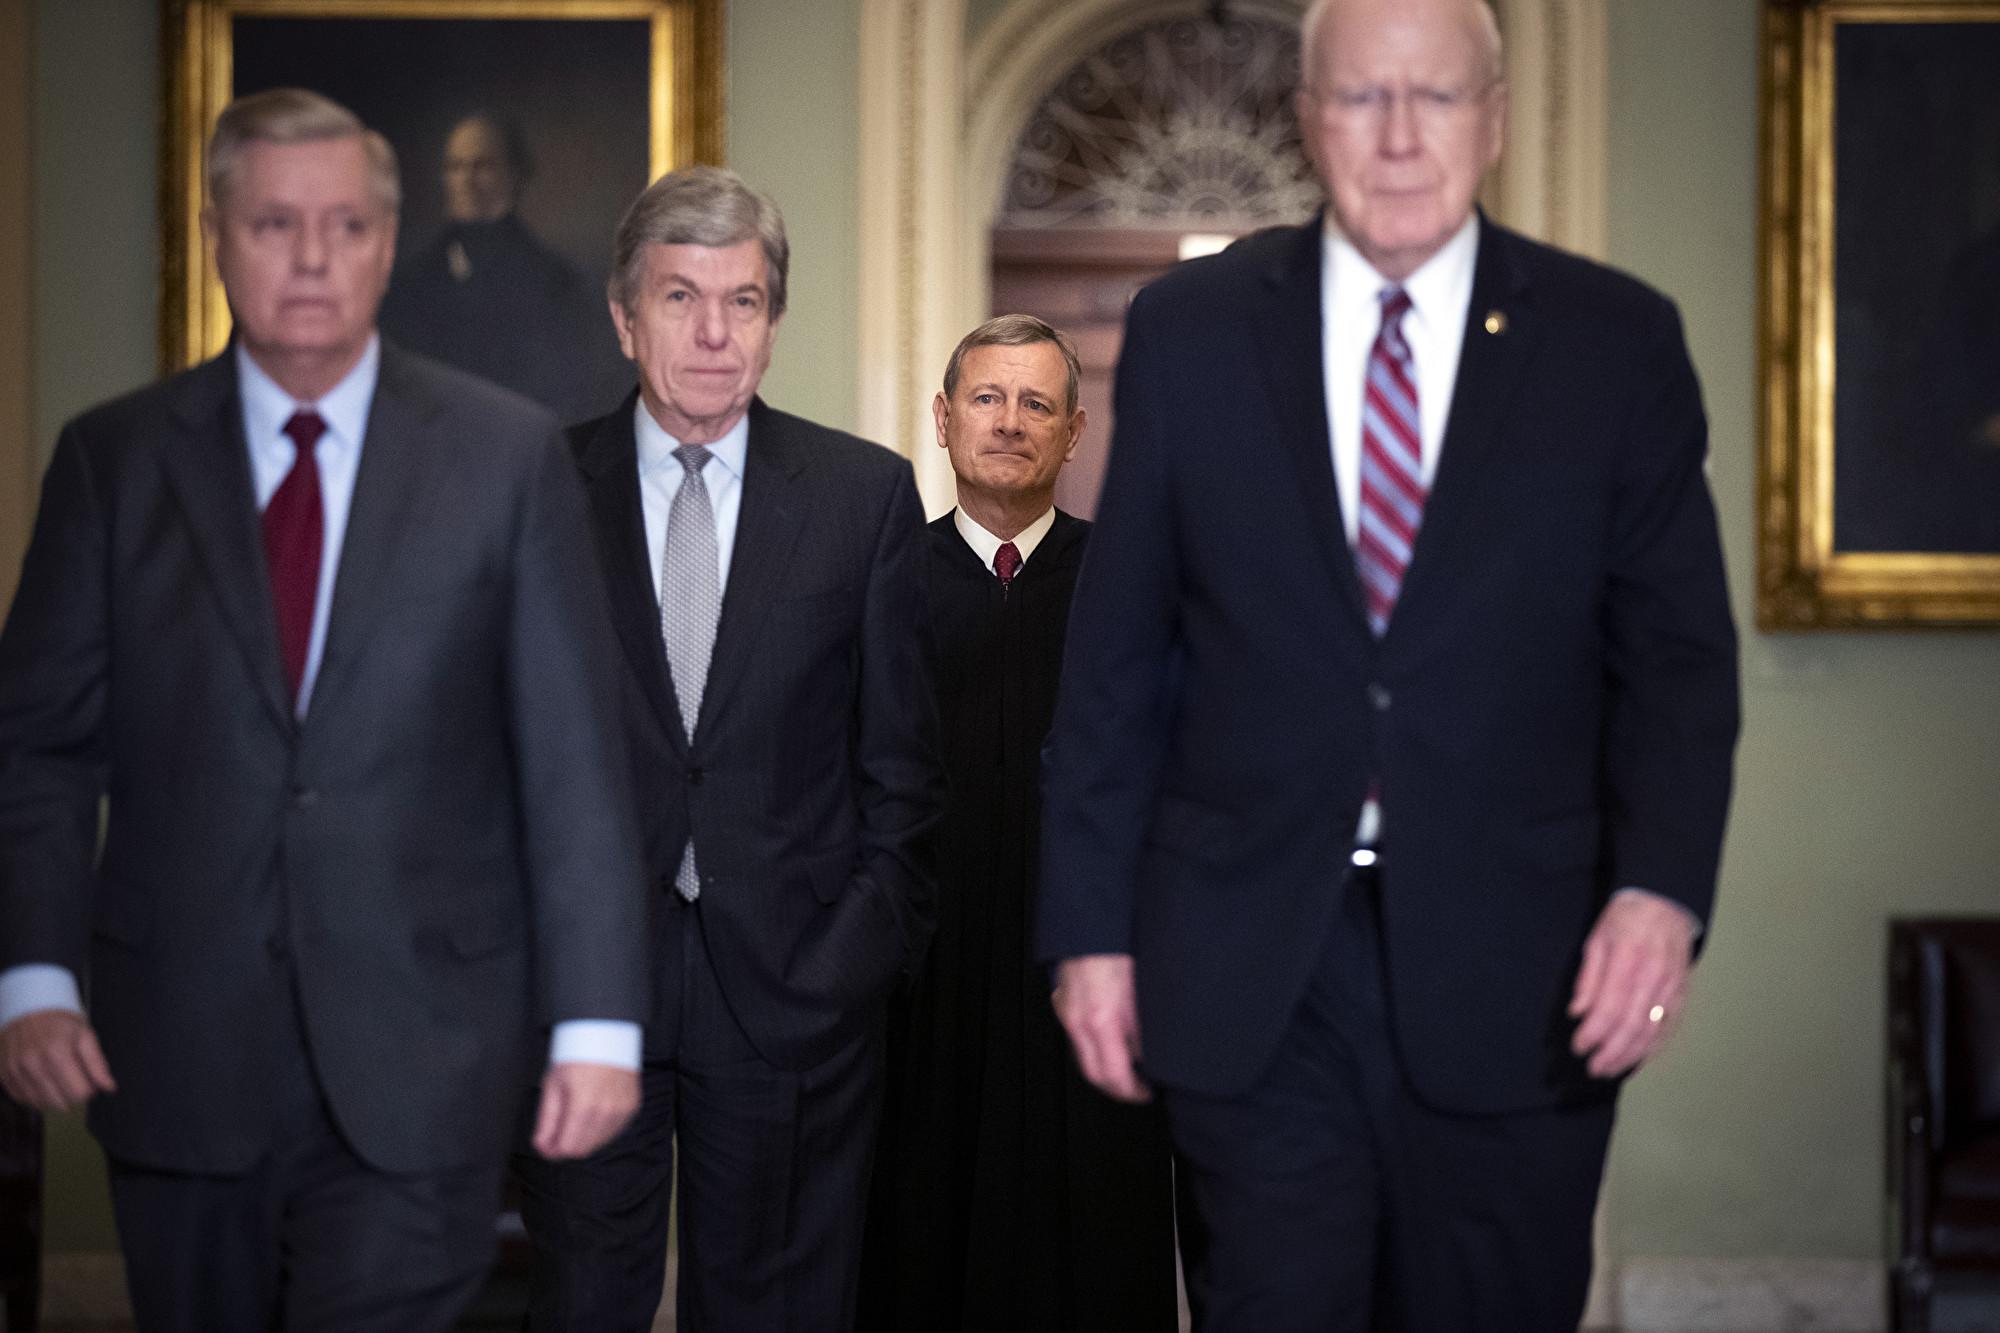 彈劾案參院開審 參議員宣誓維護司法公正